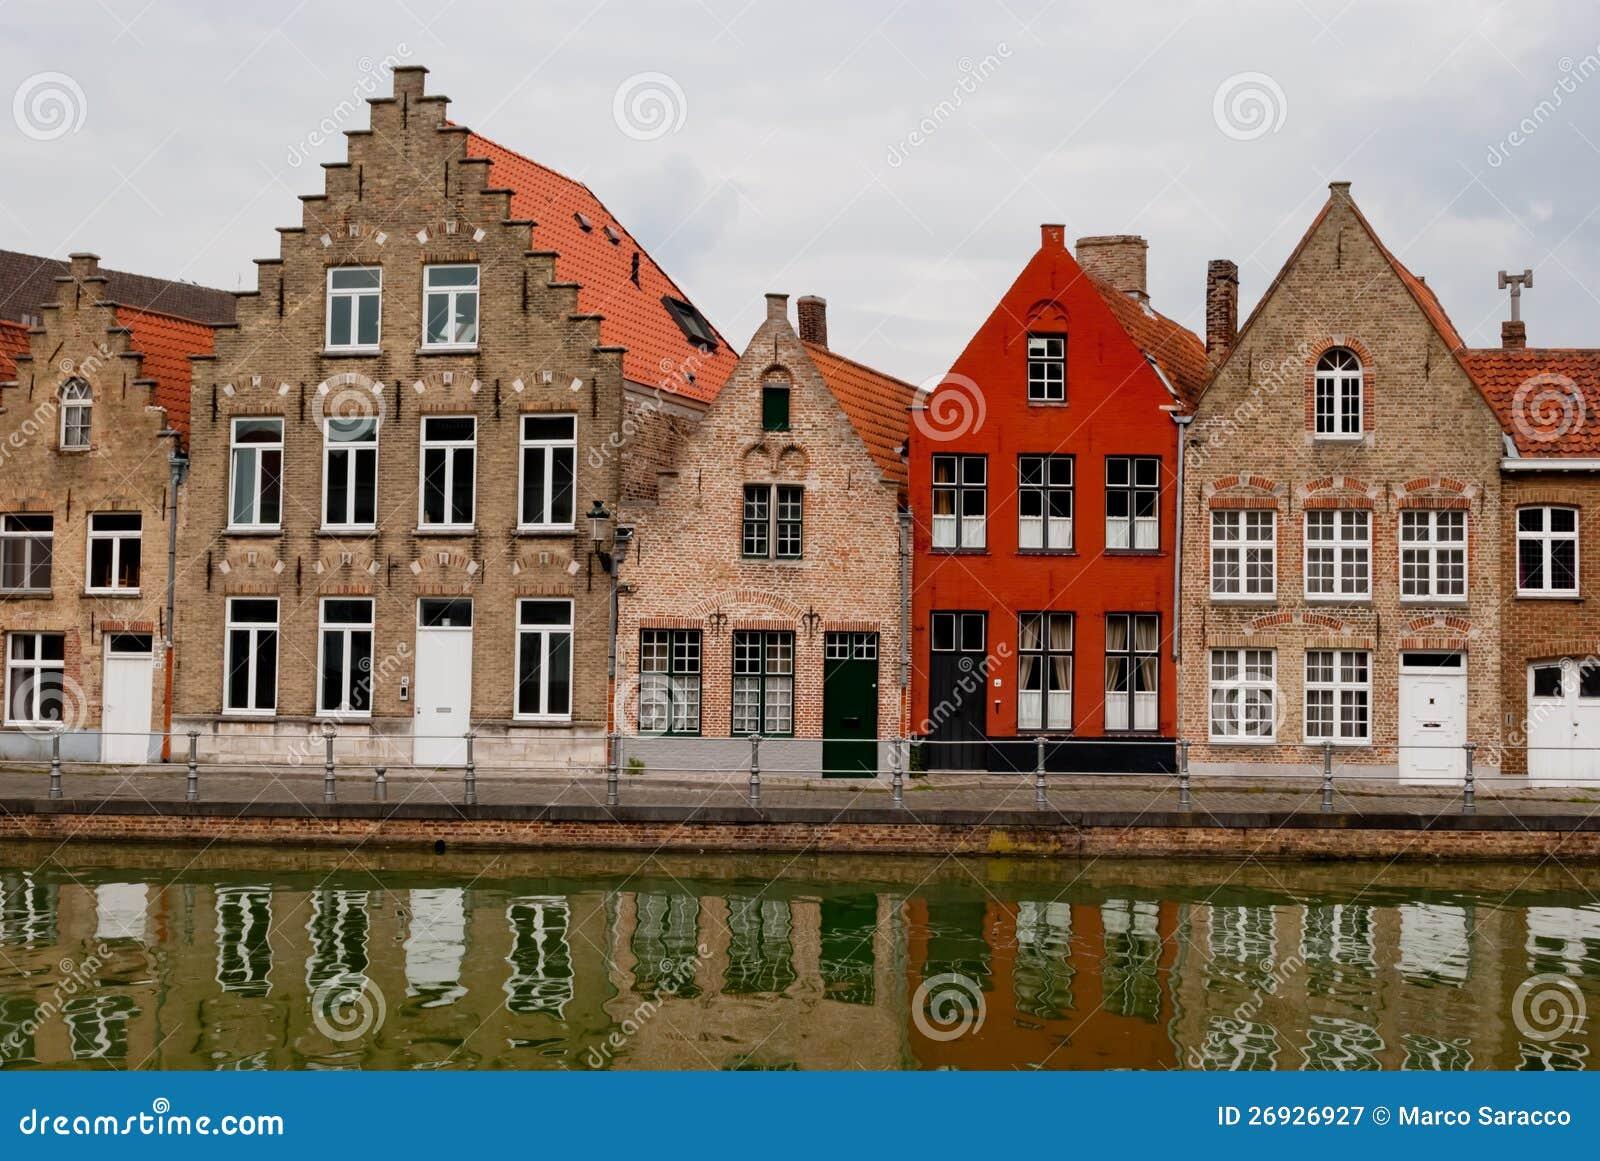 Дома бельгия сколько стоит жить в германии 2017